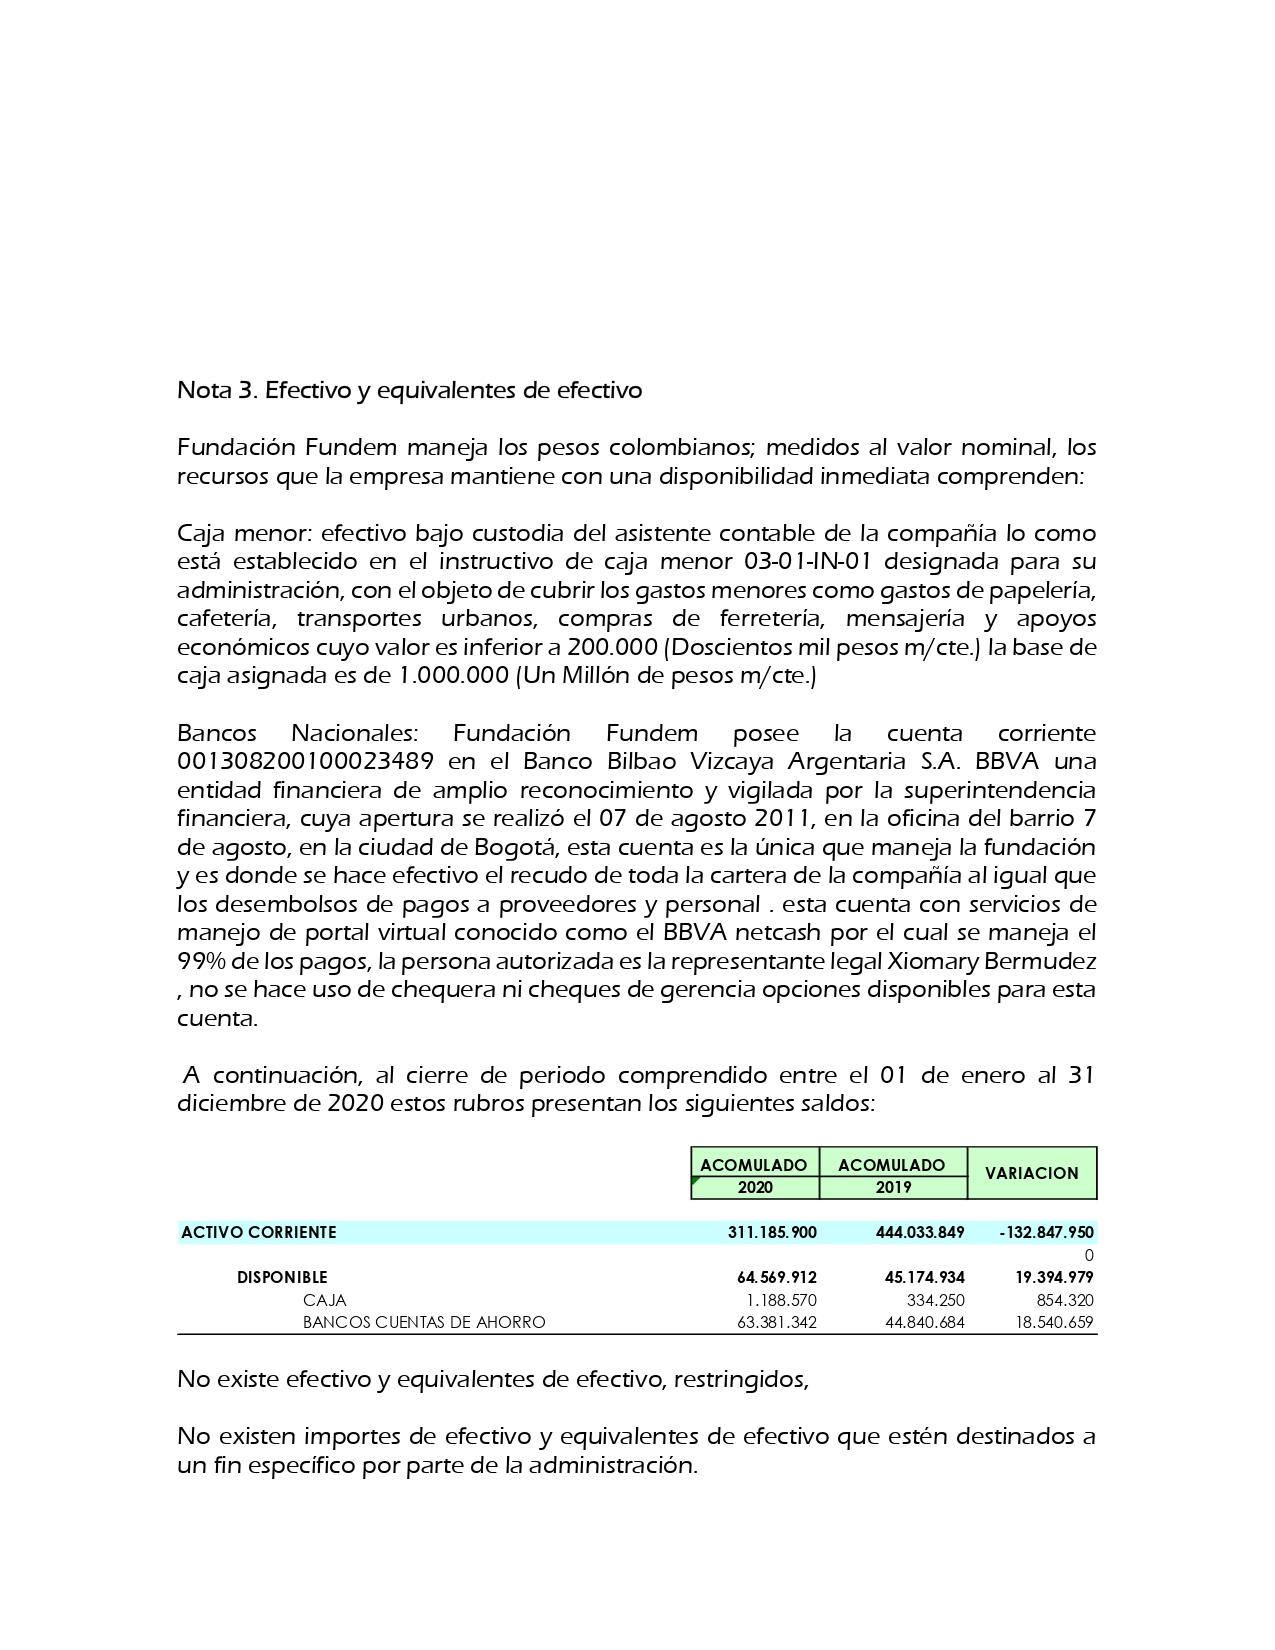 Estados Financieros Fundacion Fundem 2020_page-0013